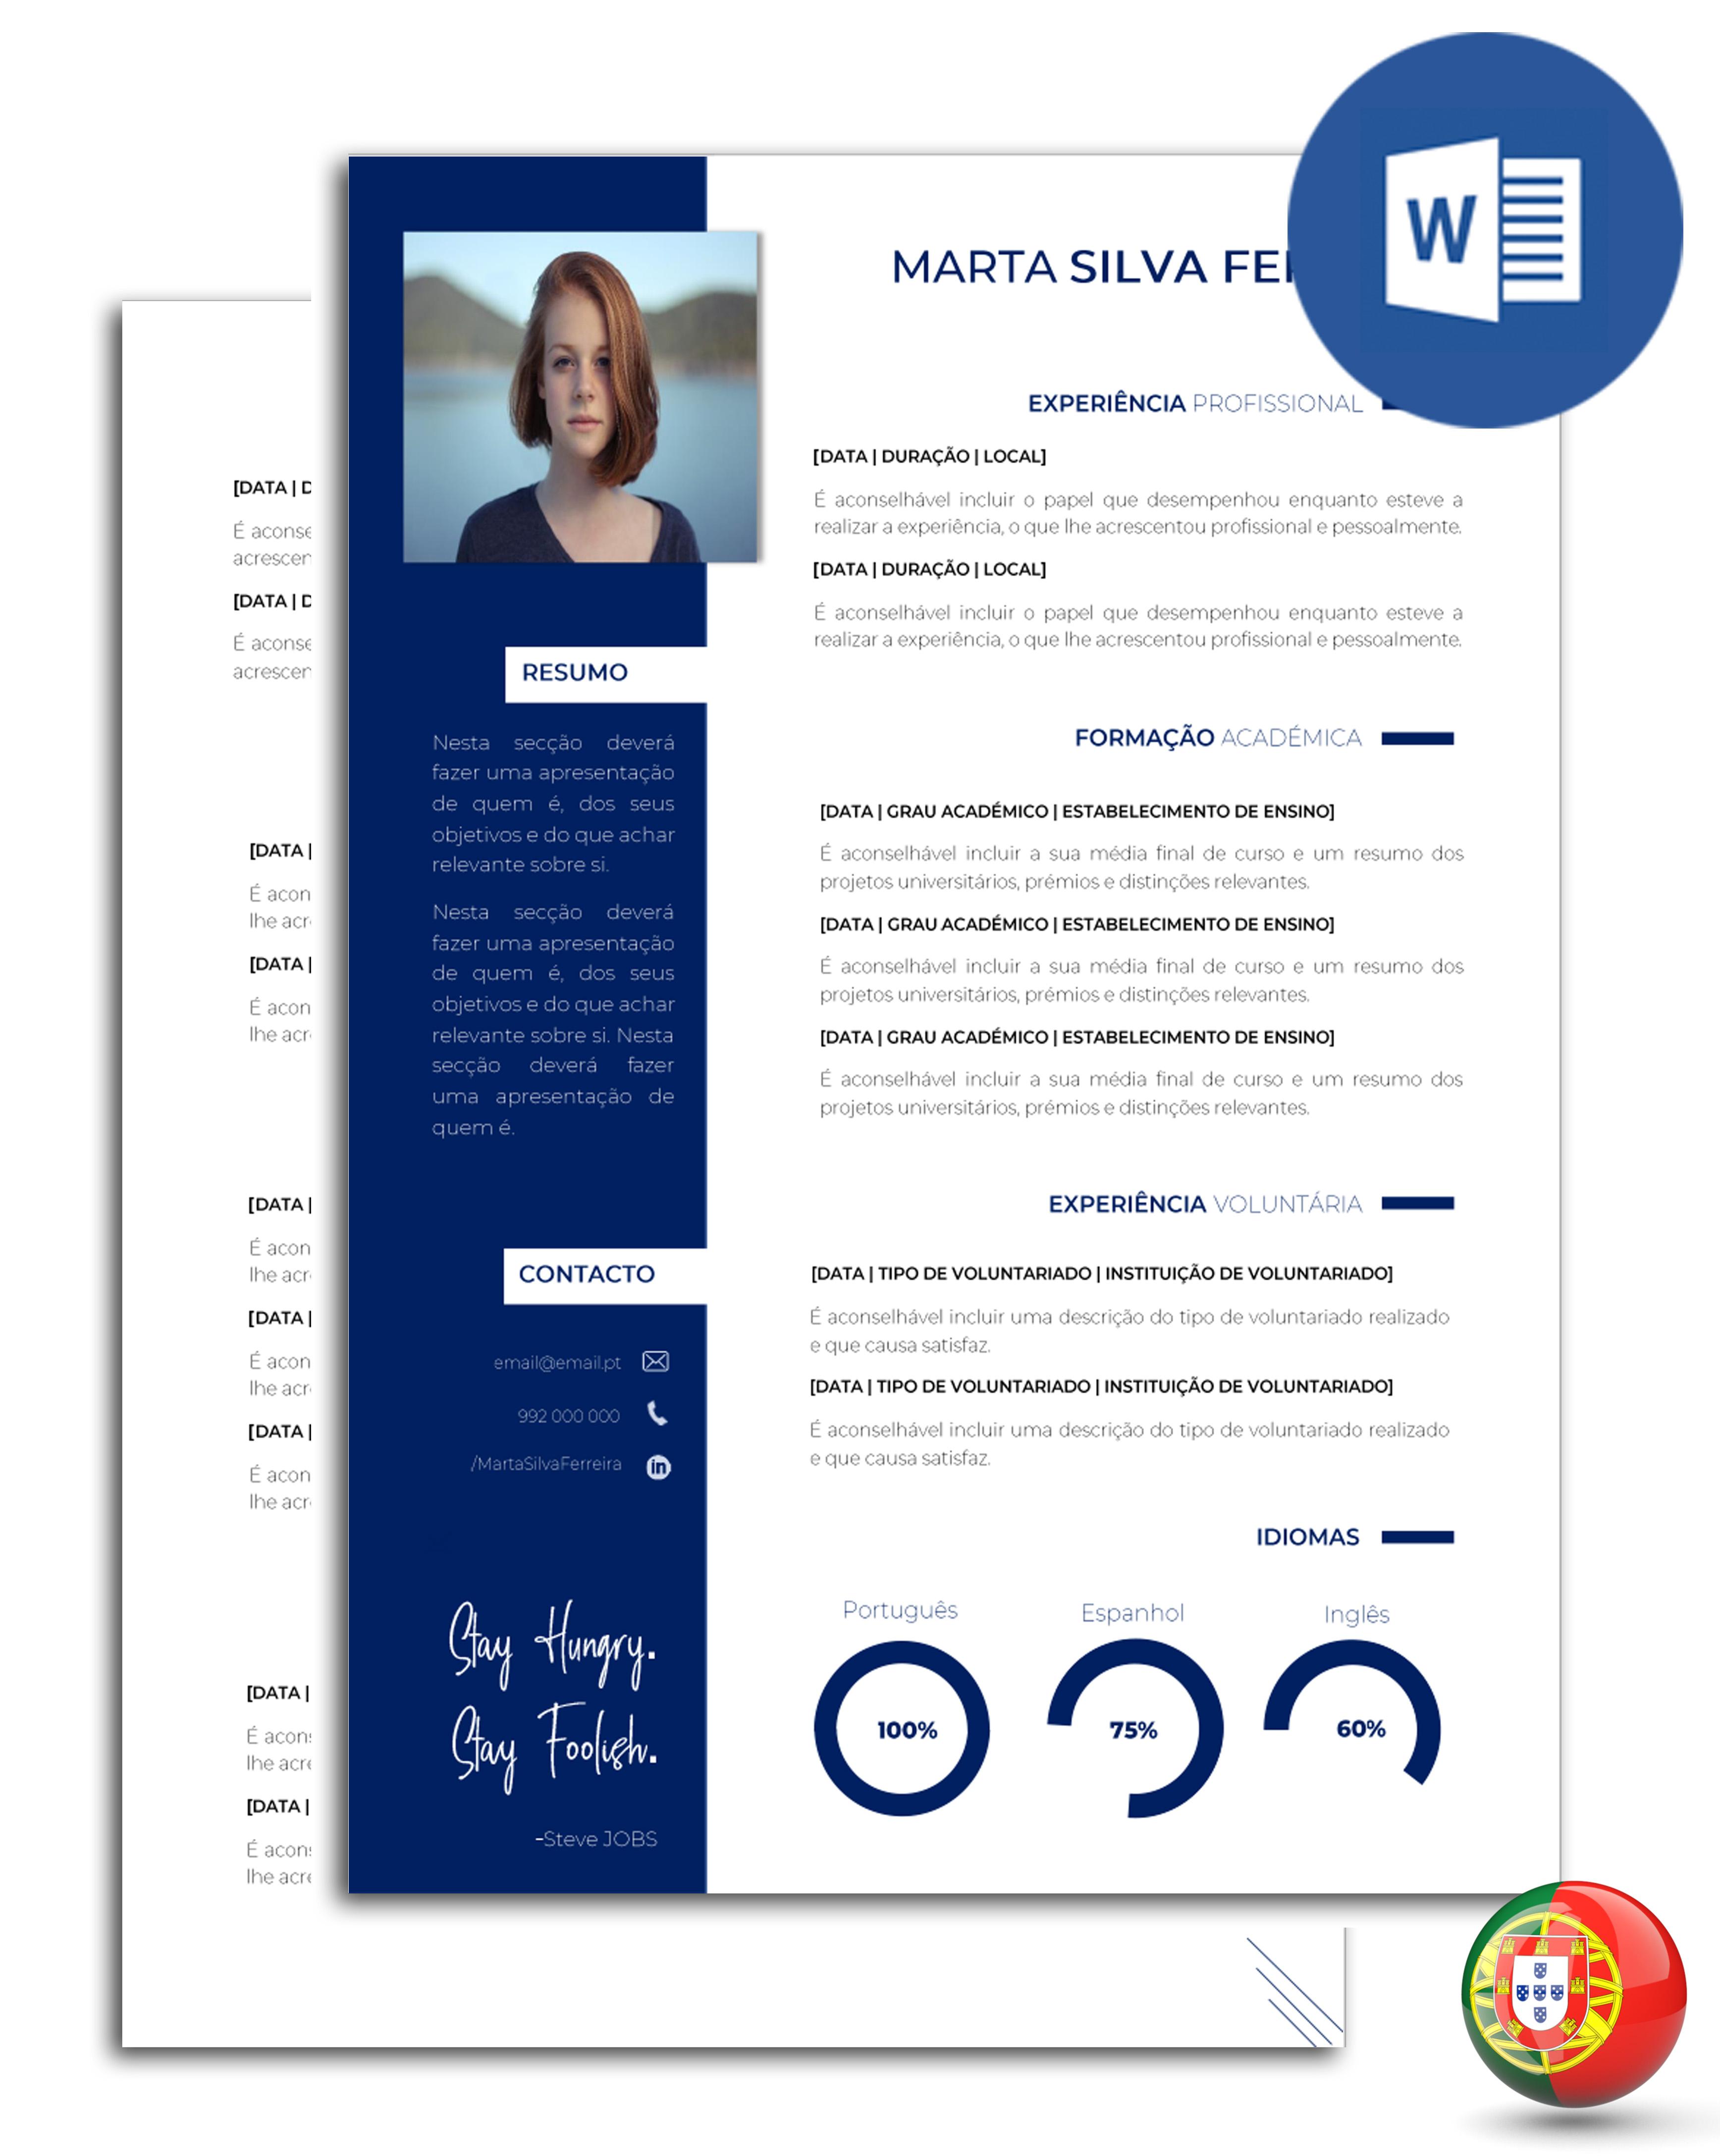 de pdf a ppt online gratis